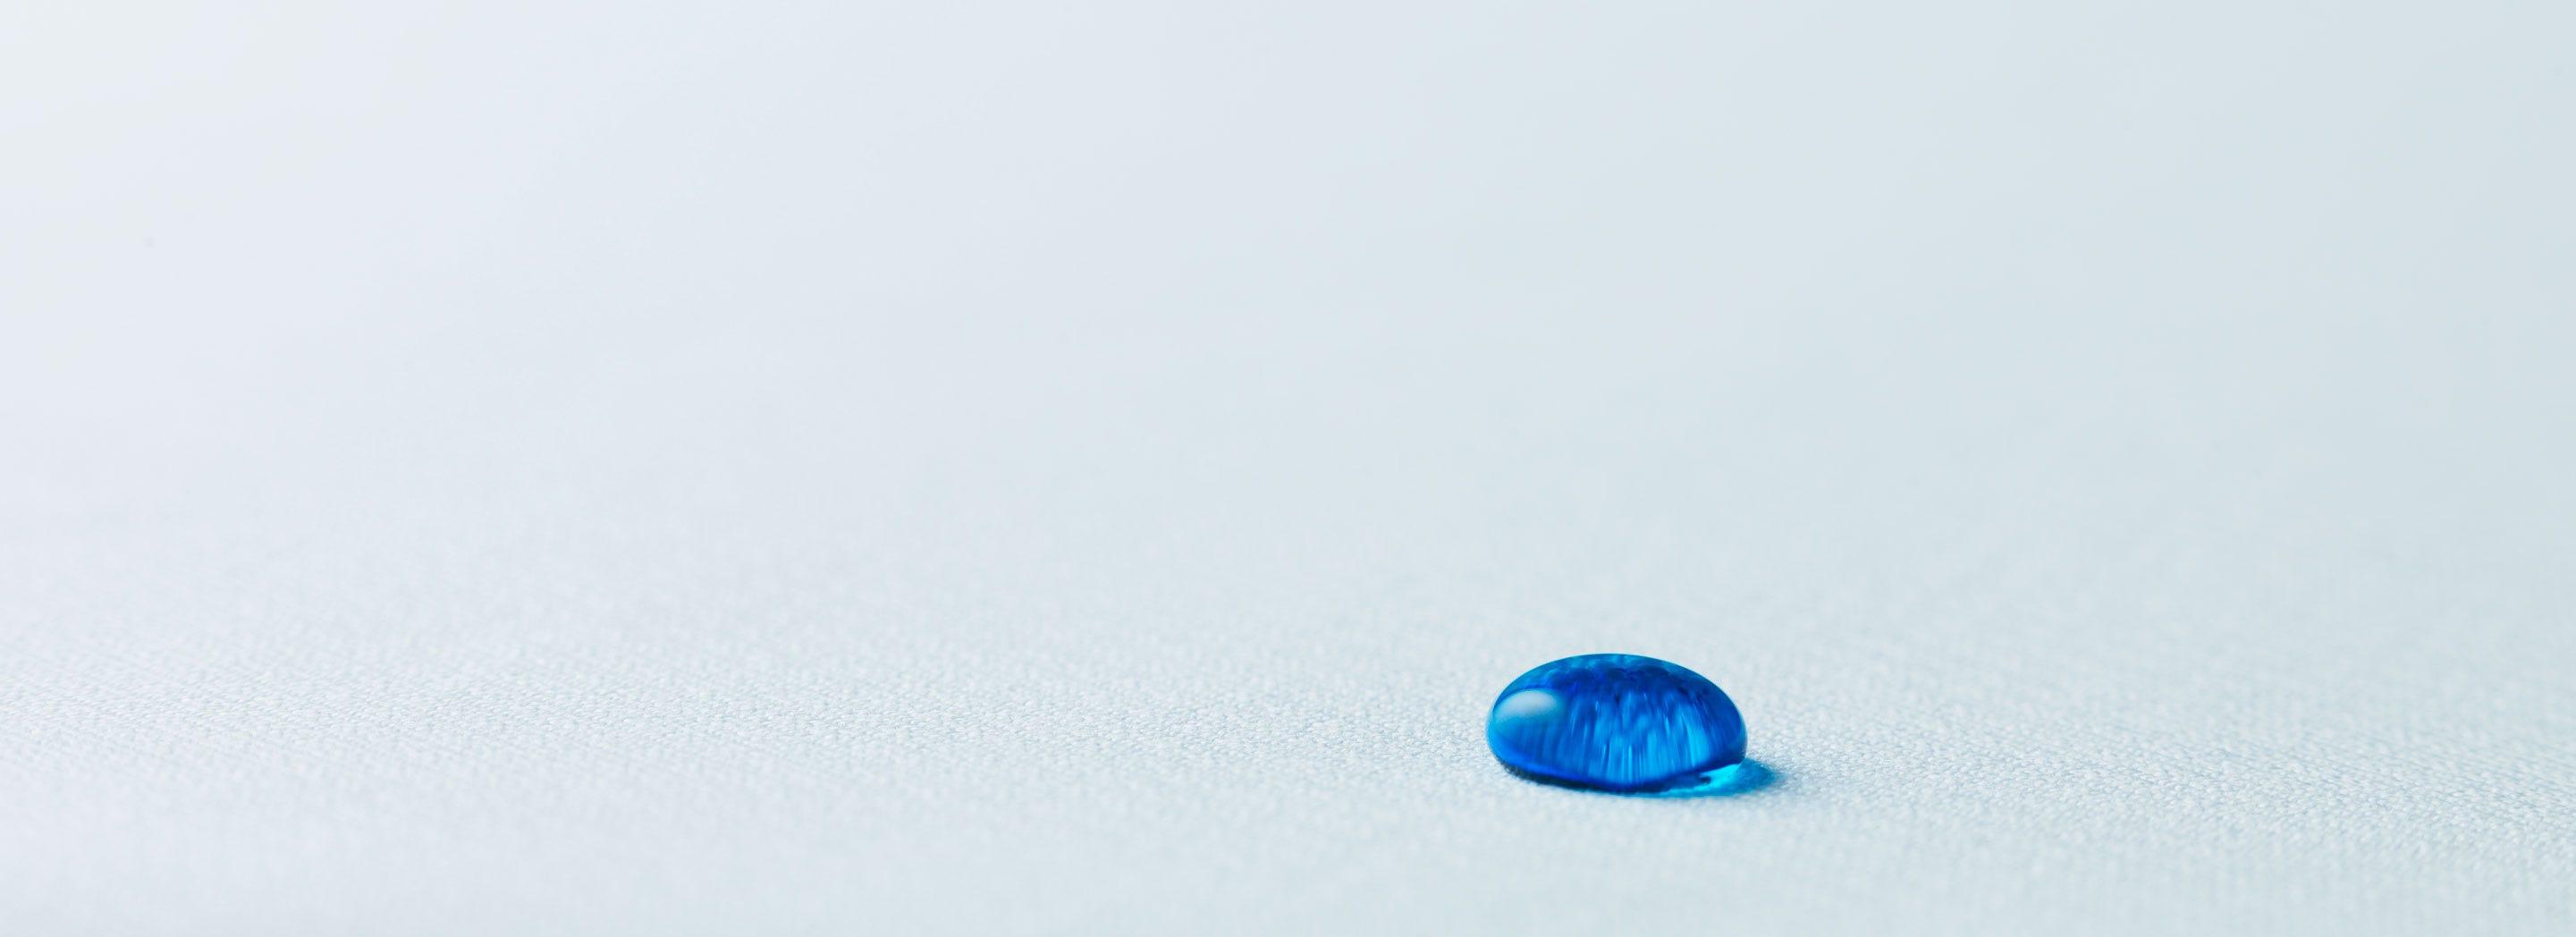 Fluid-Resistant Lab Coats